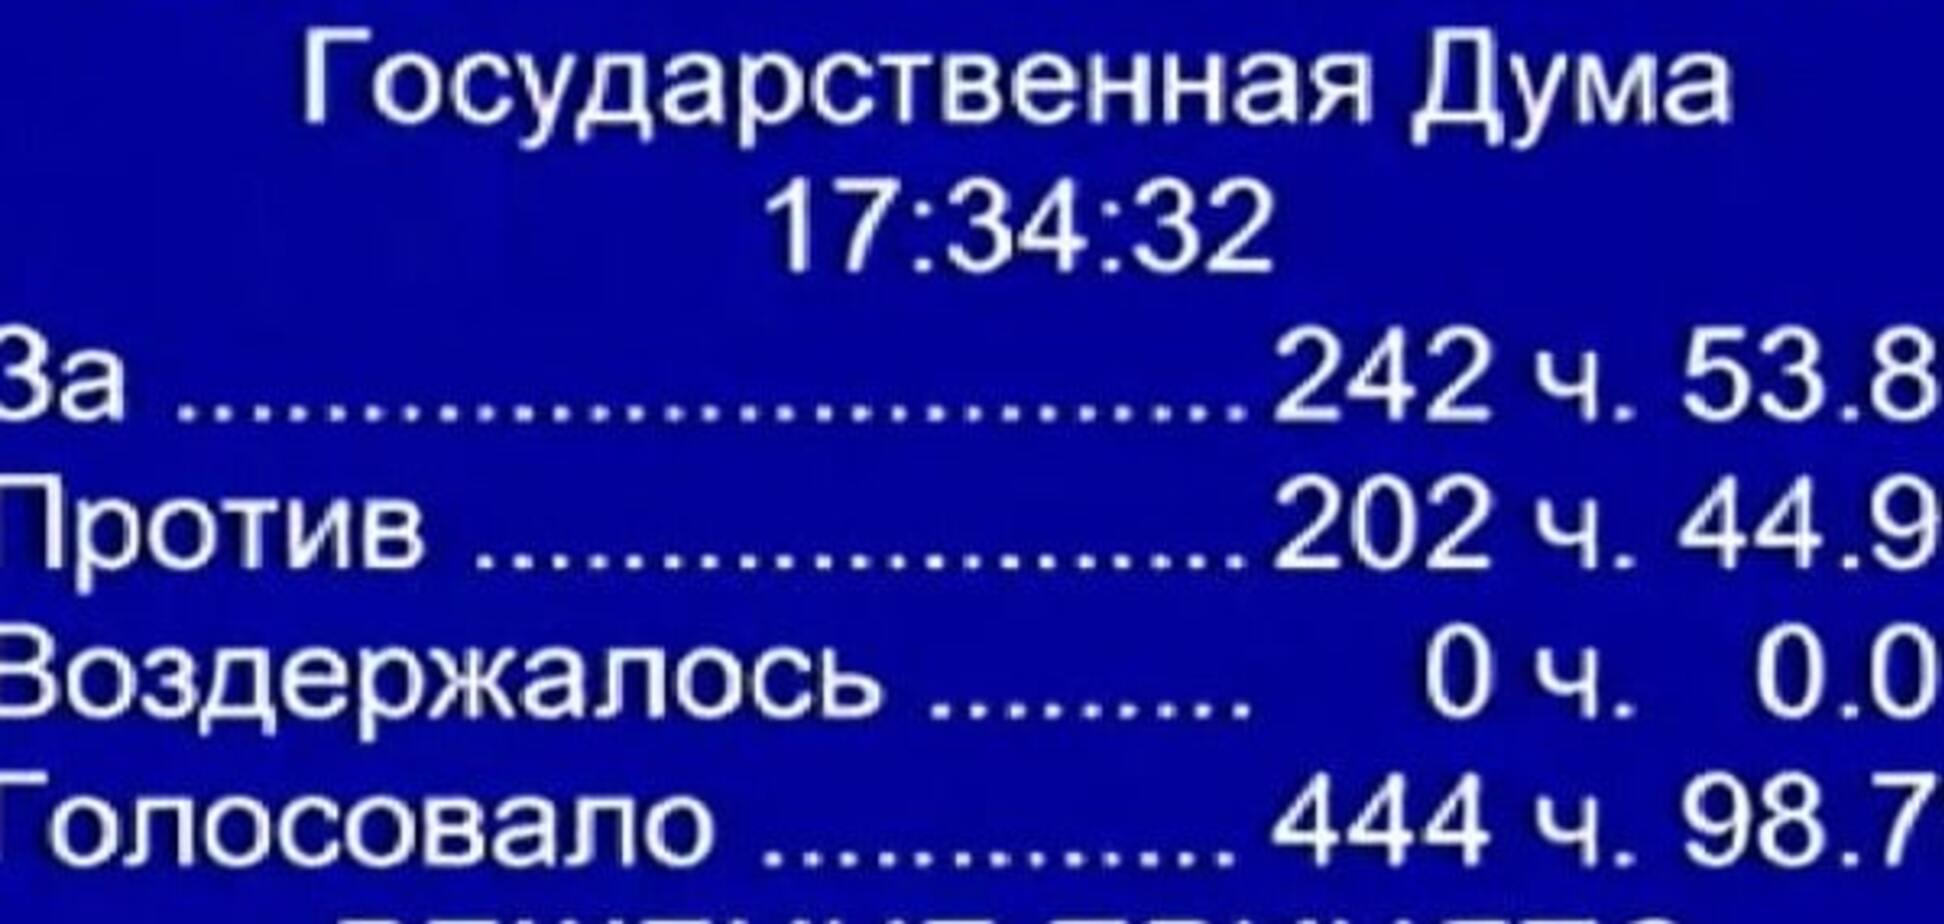 Журналисты в России теперь рискуют